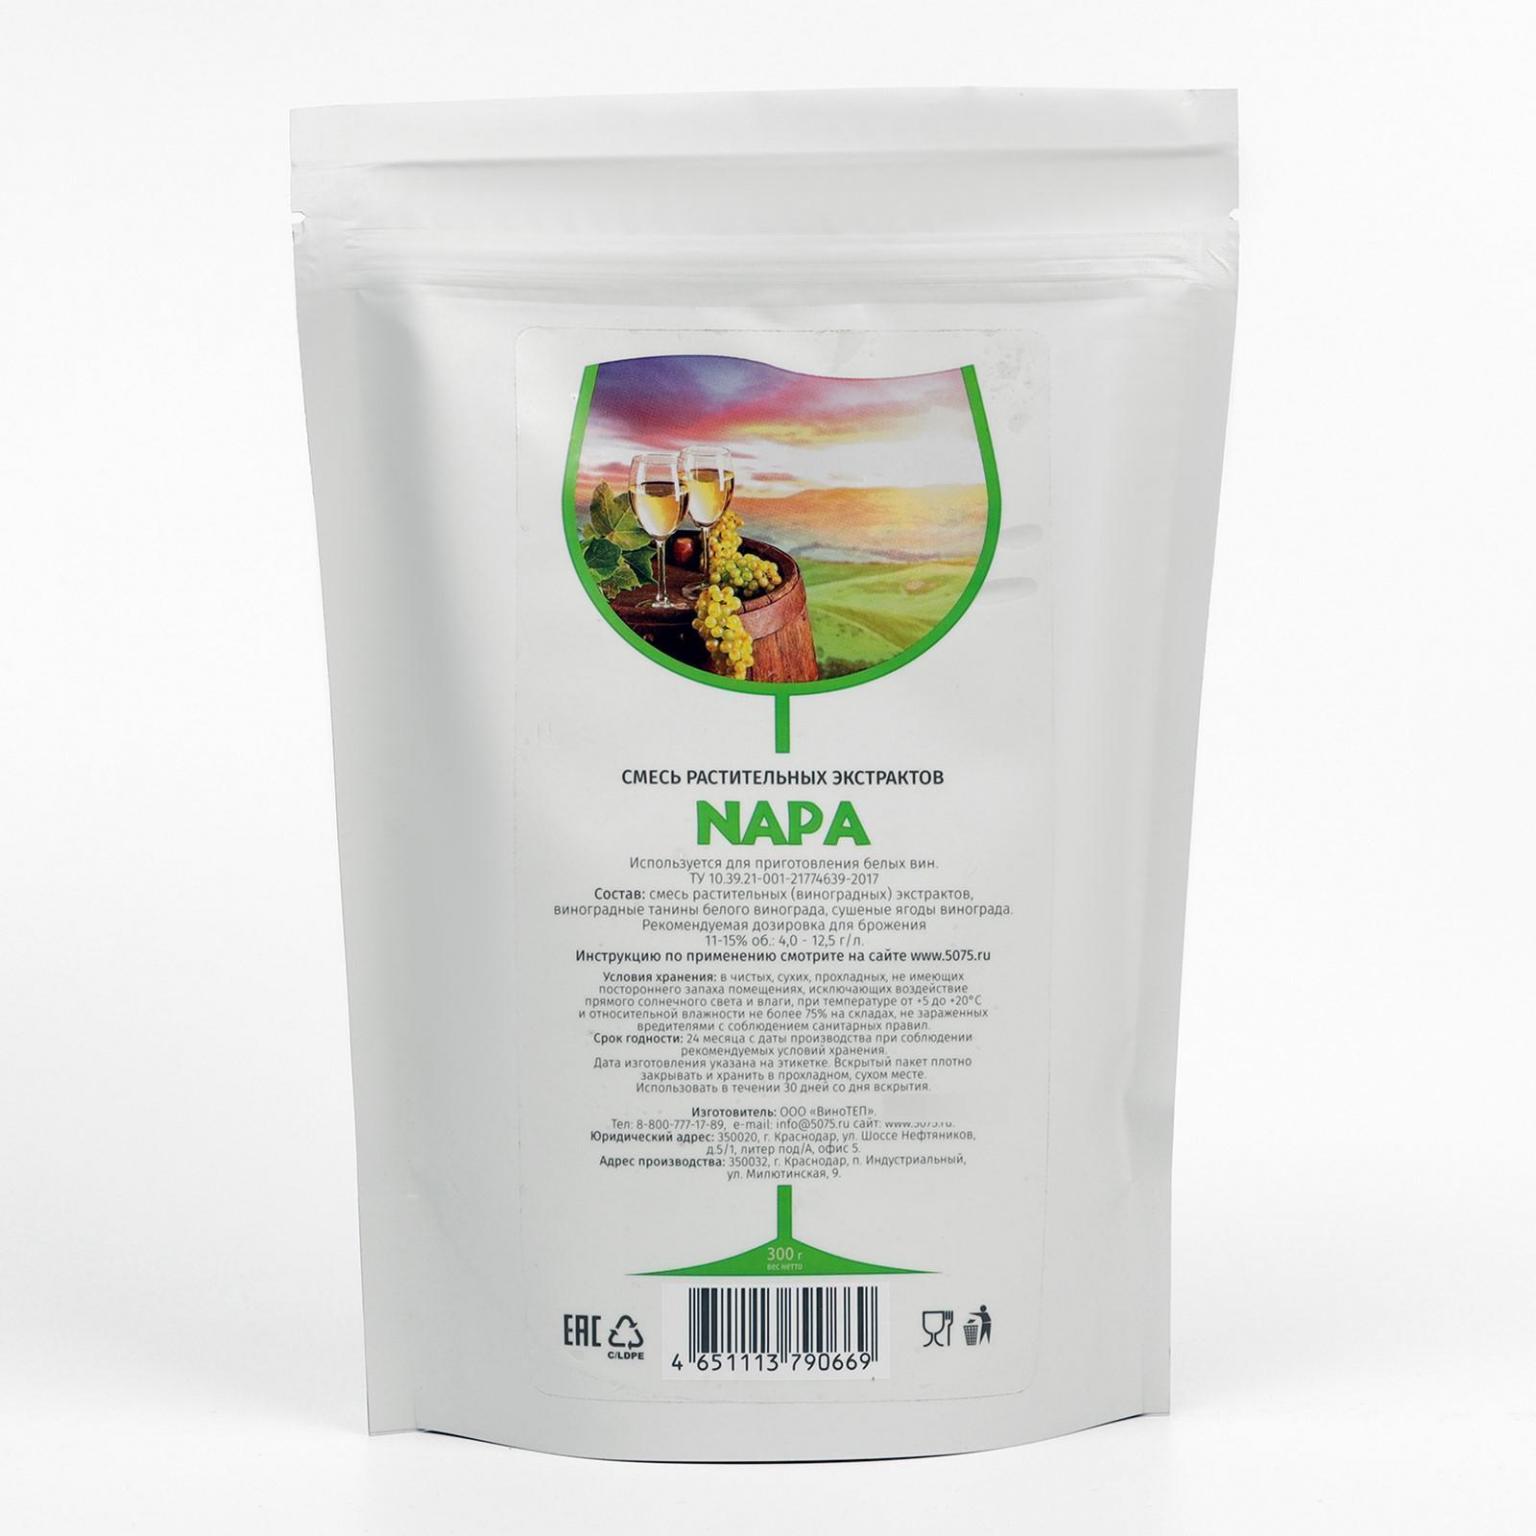 Смесь растительных экстрактов Napa для изготовления белого вина, 300 г